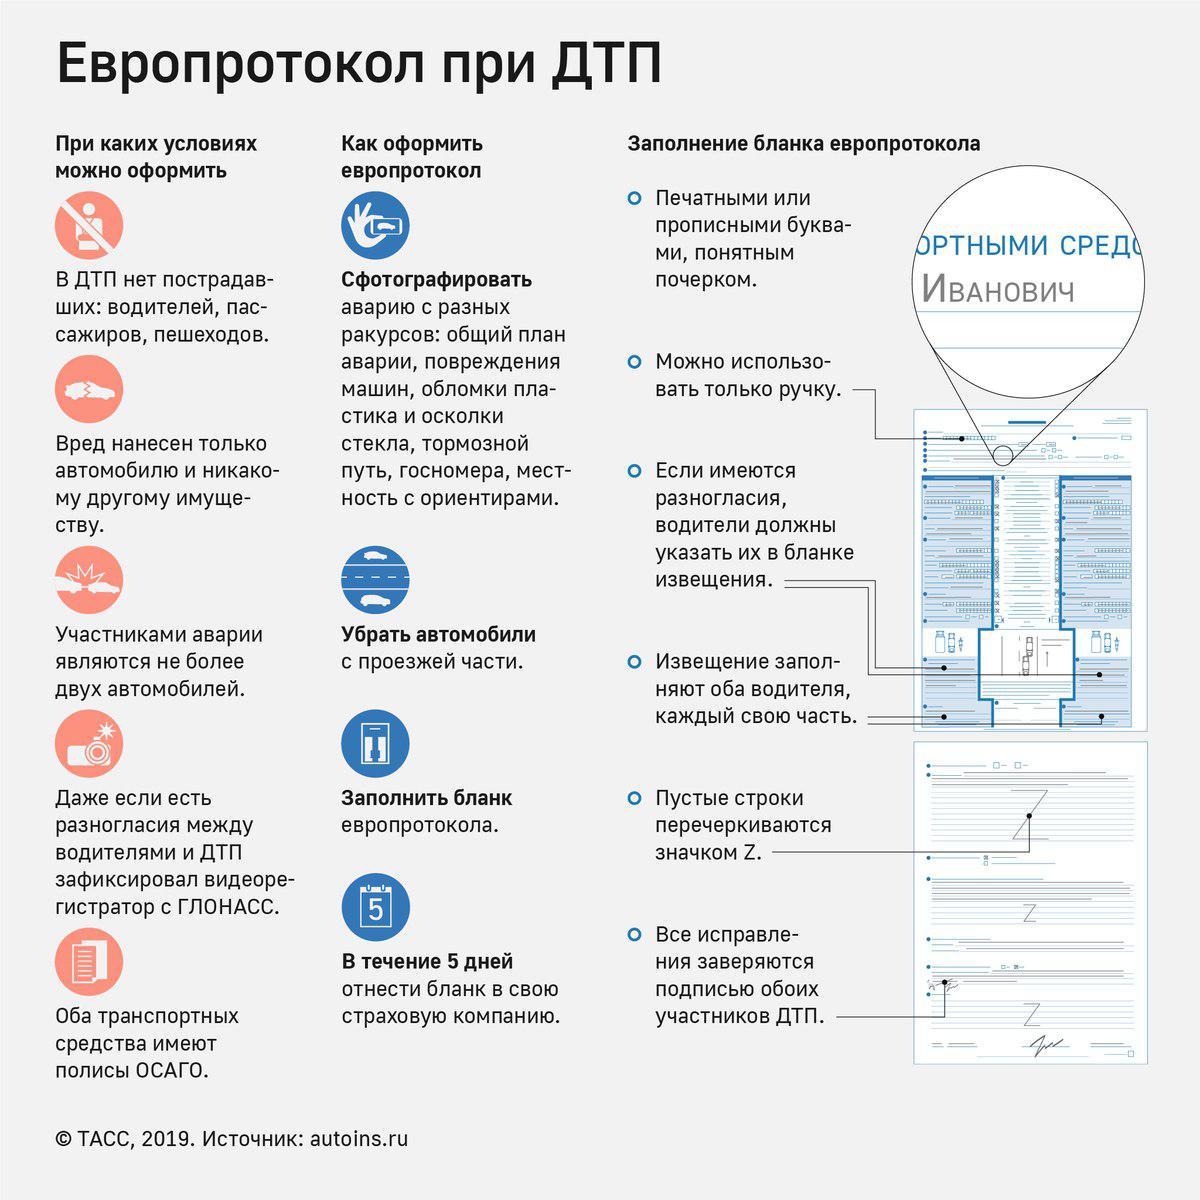 Европротокол при дтп в россии до изменений 2014 года и после